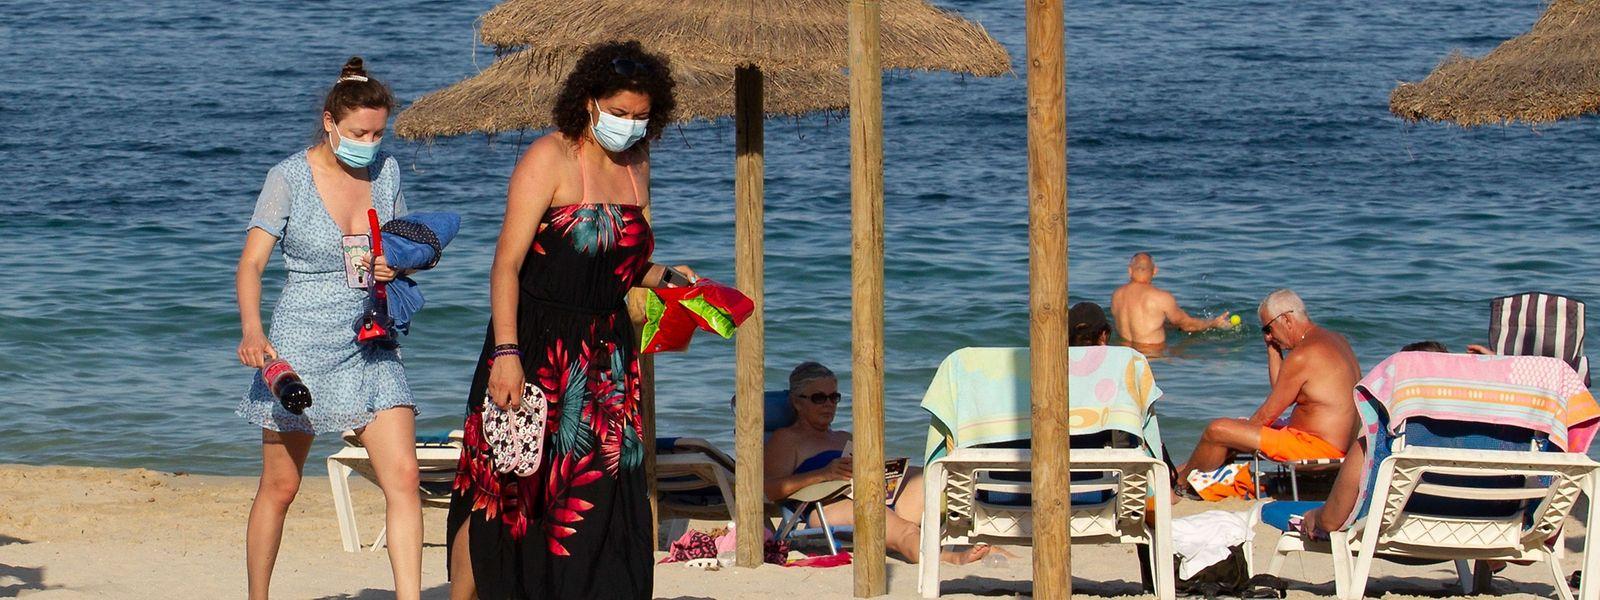 Die Urlaubsplanung gestaltet sich für Touristen aus Luxemburg komplizierter denn je – zu den möglichen Optionen zählt momentan auch eine Reise nach Mallorca.